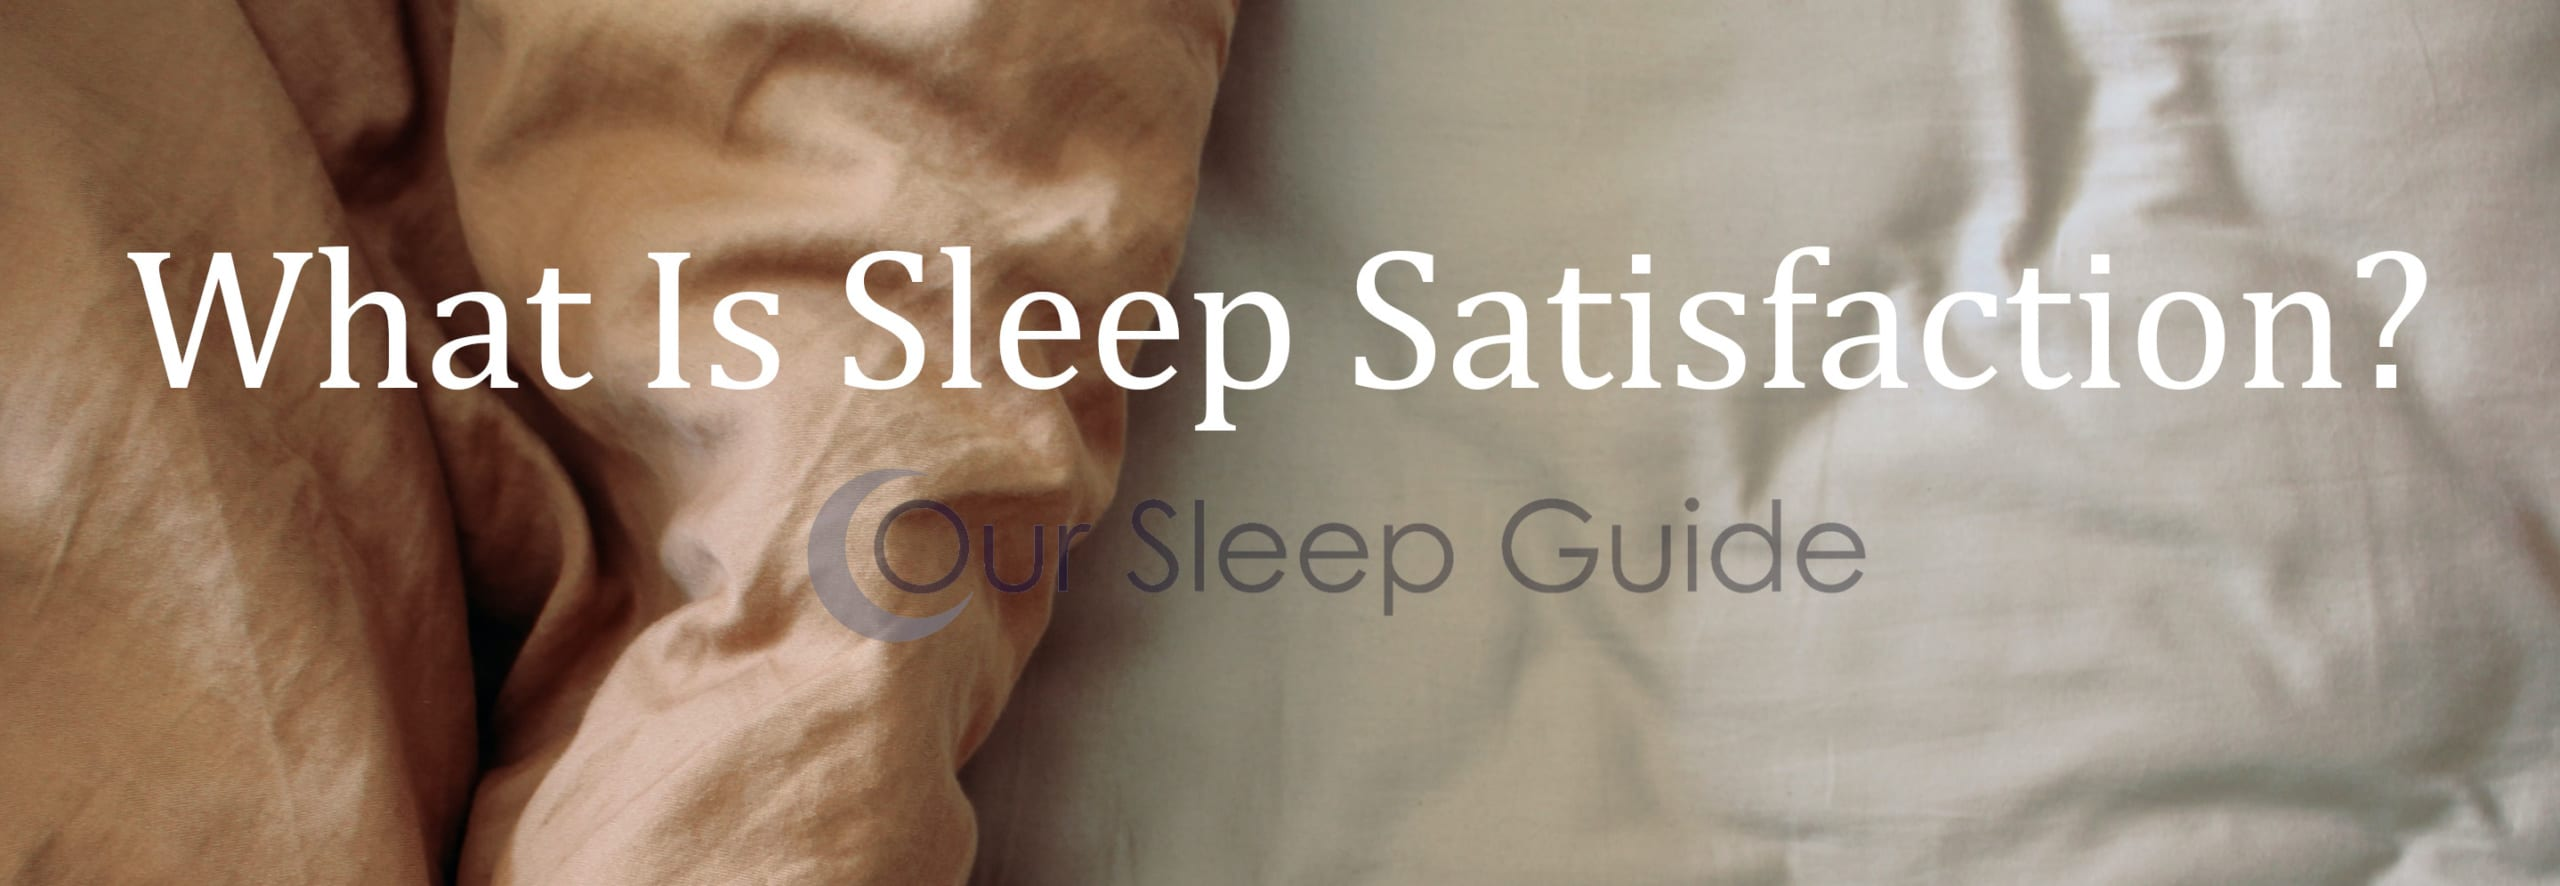 what is sleep satisfcation?